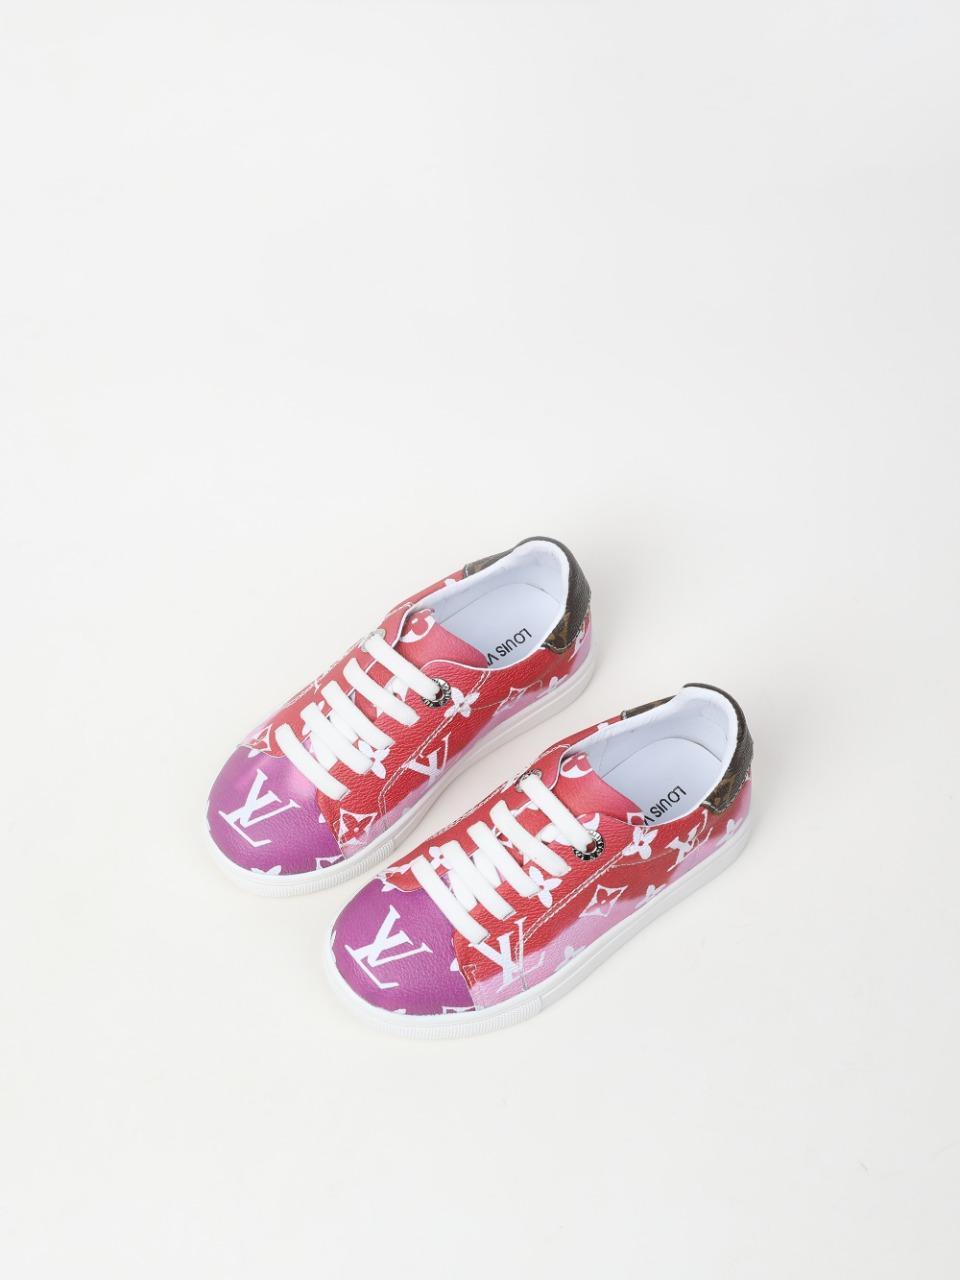 Kind Babyschuhe Brief Entwurf 2020 Herbst neue Art und Weise laufen Sport Trainer rosa Farbe kleines Mädchen Stoff Beleg auf Schuh Kleinkind